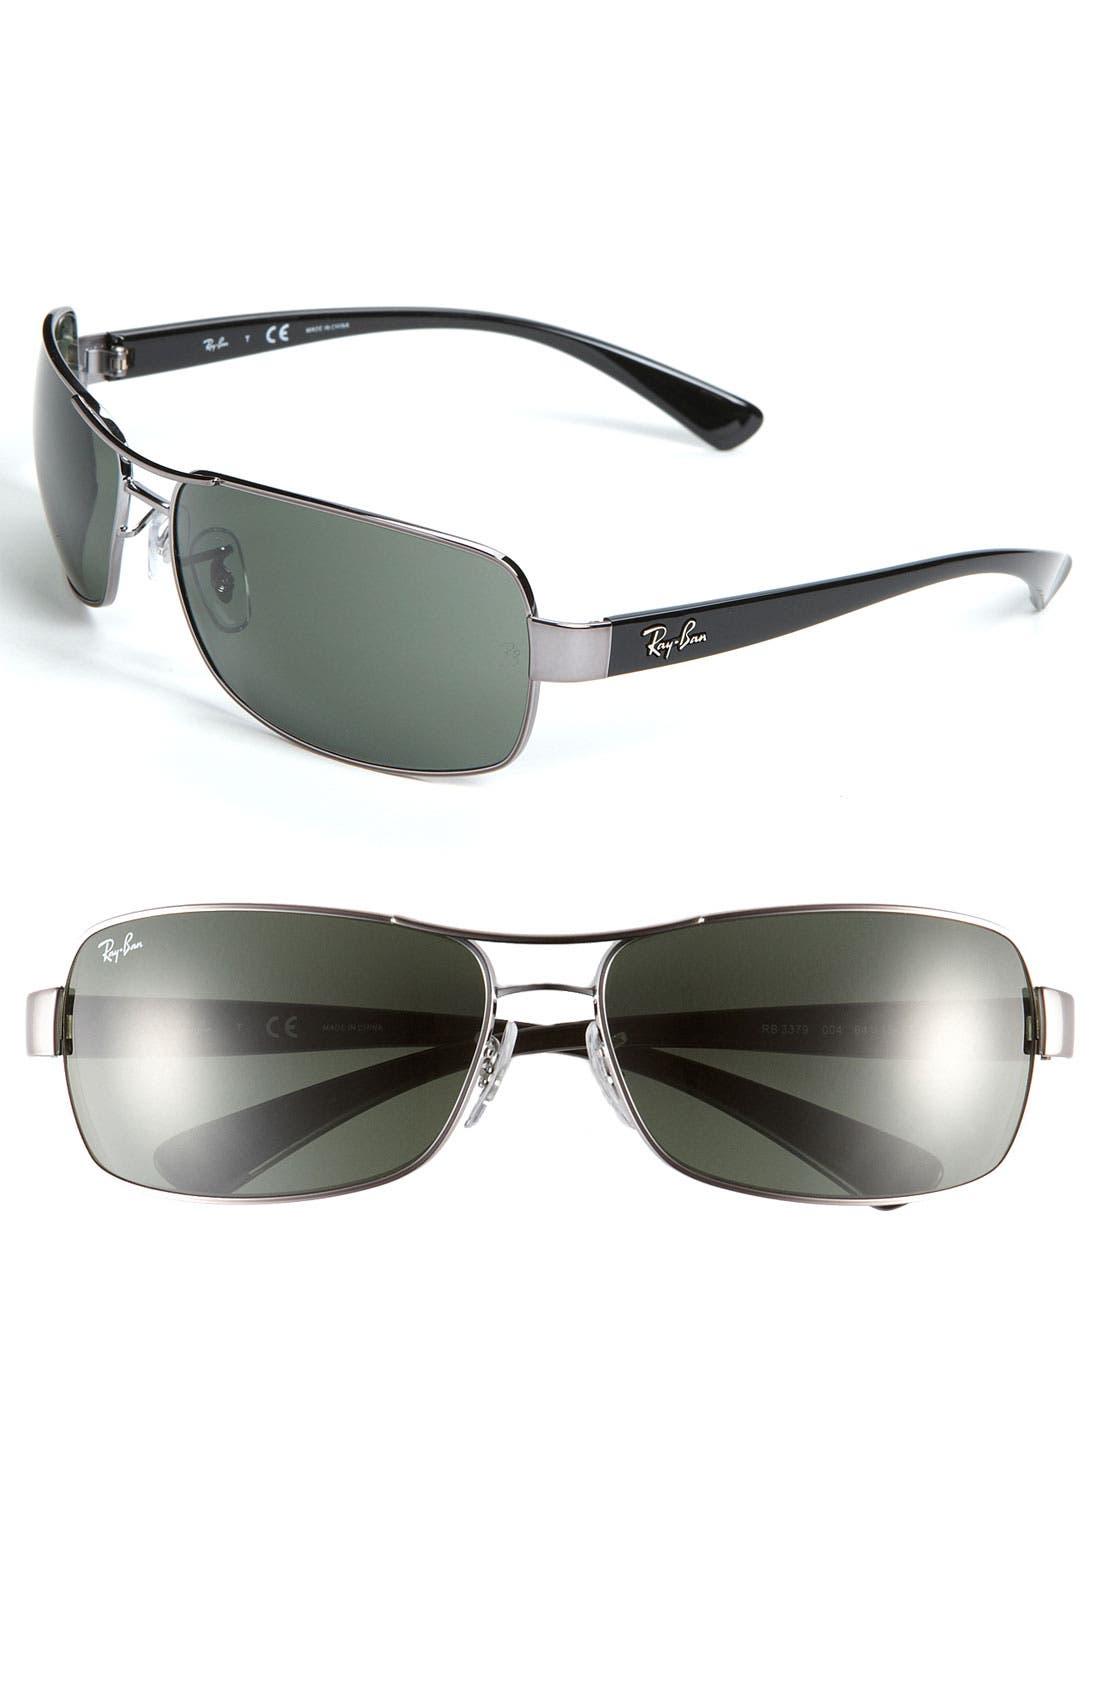 Main Image - Ray-Ban 64mm Wrap Sunglasses